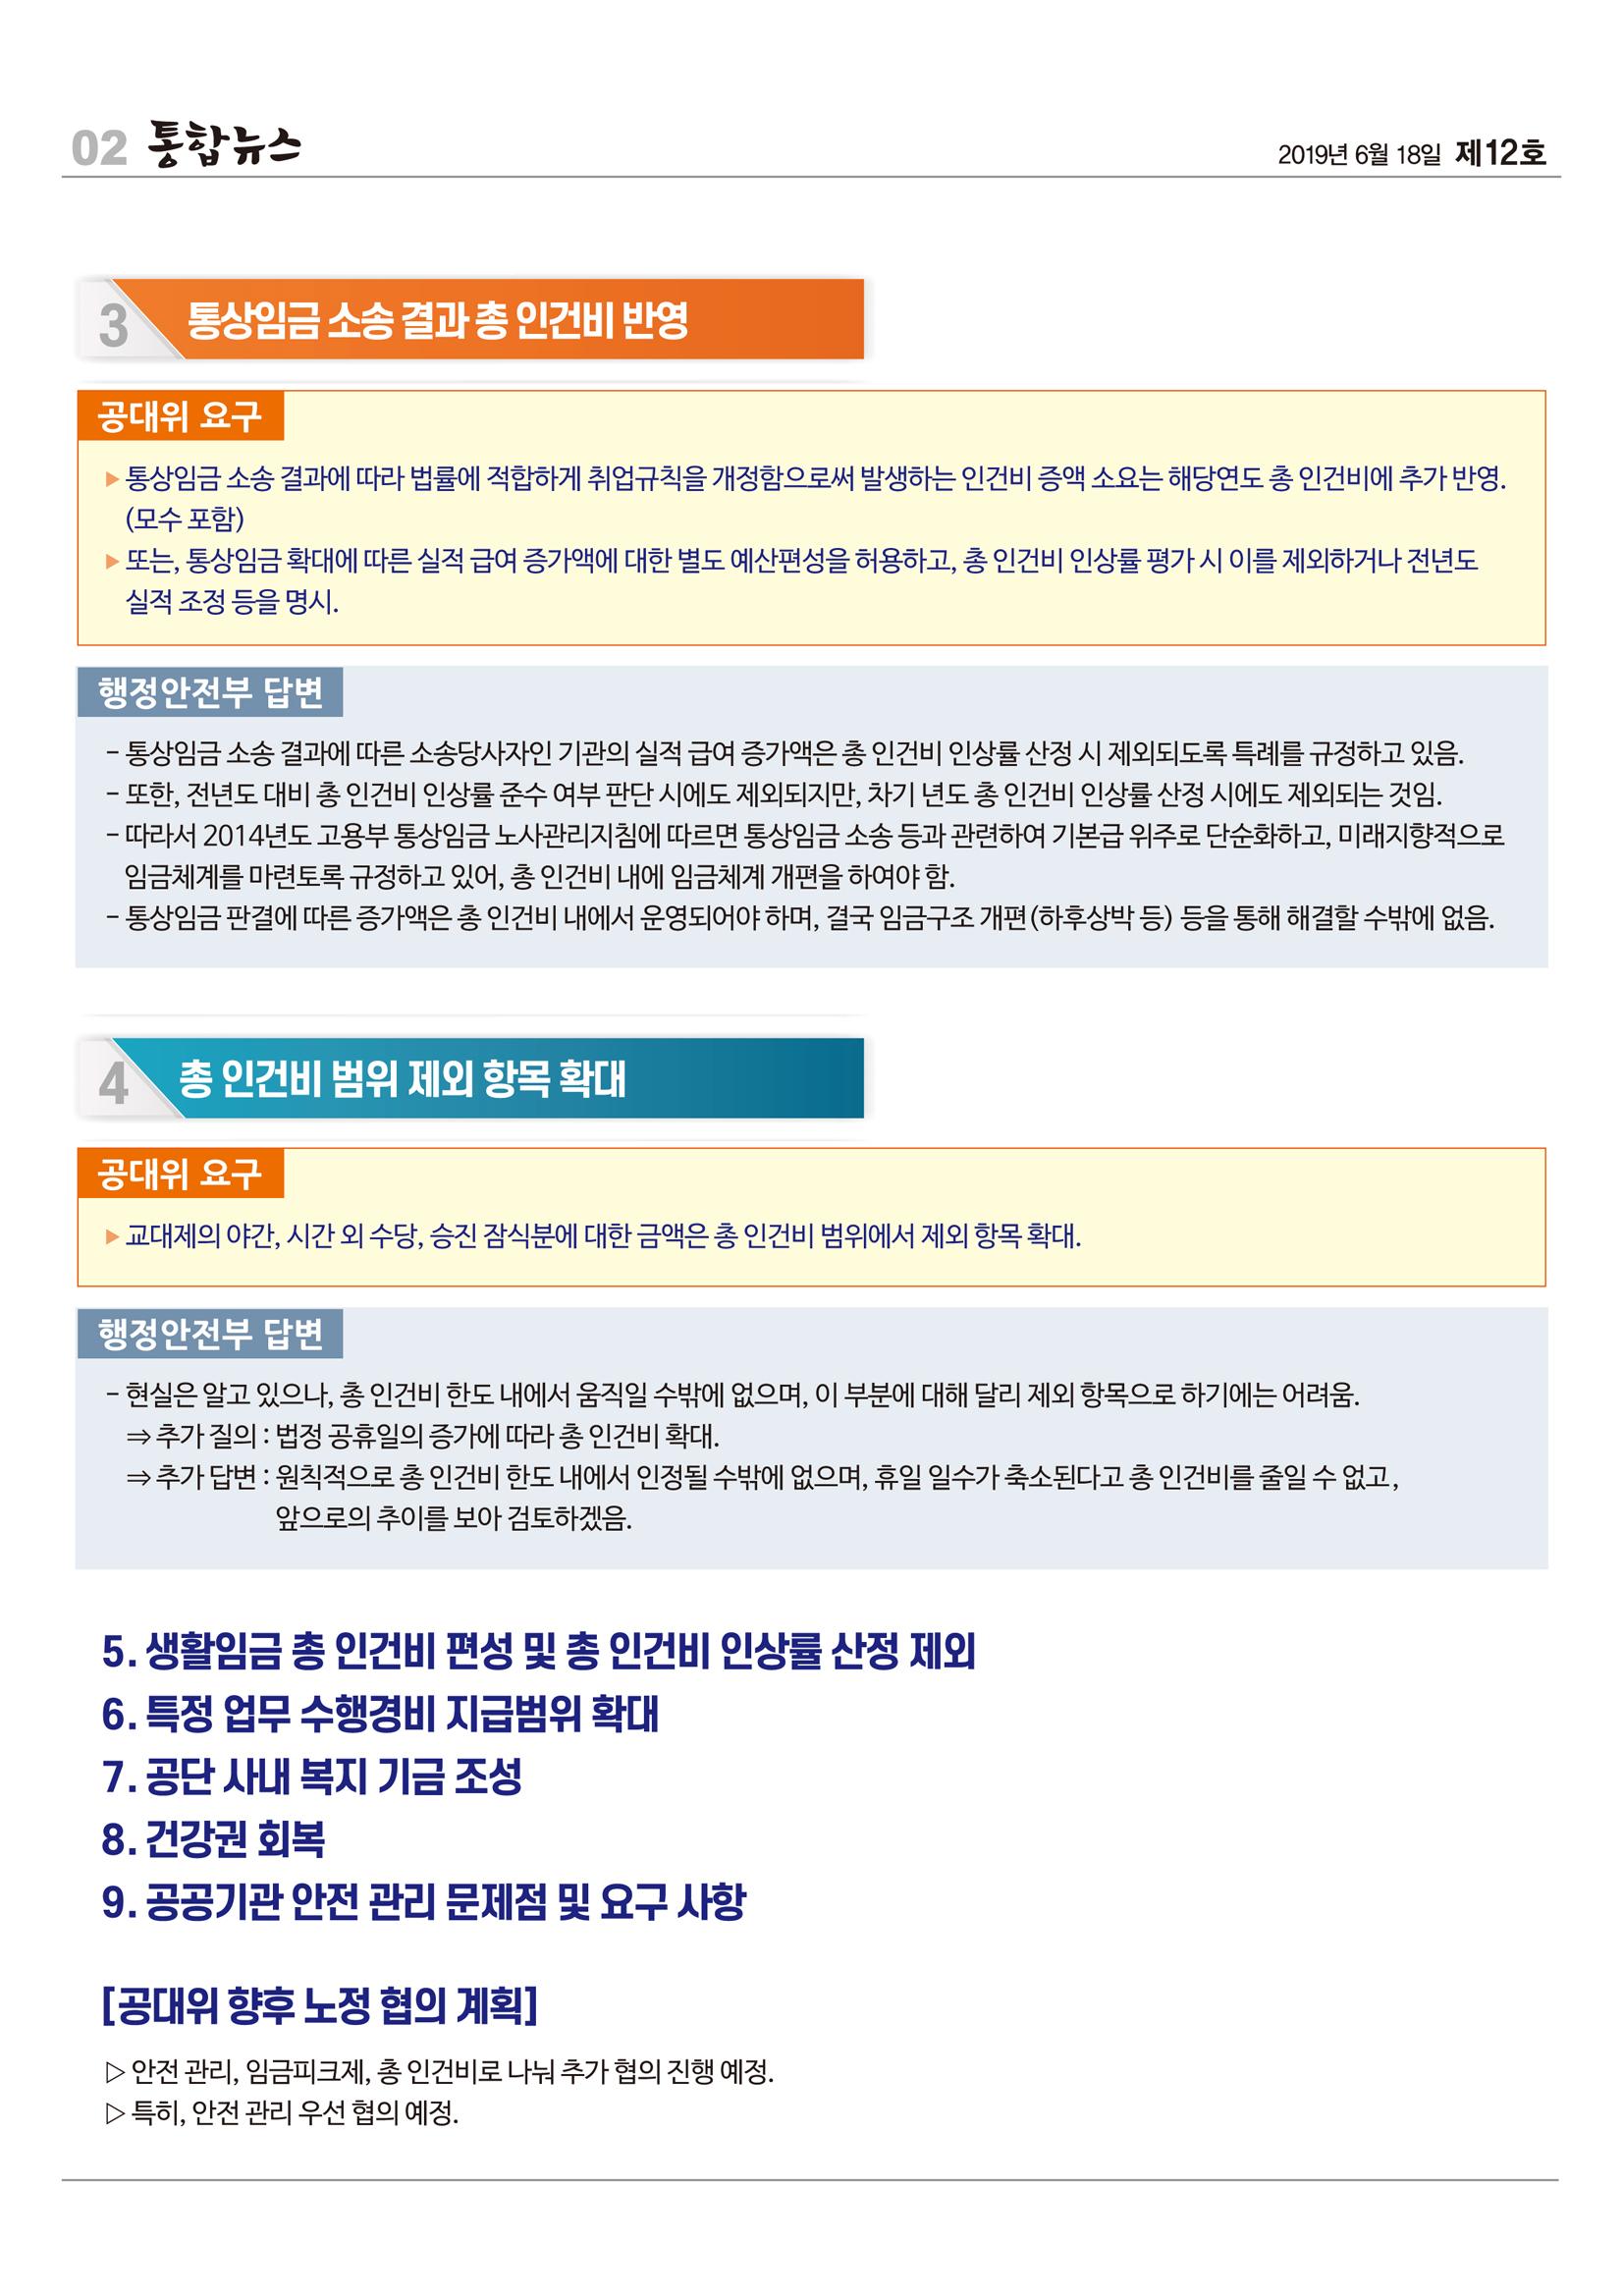 통합뉴스제12호-2.jpg